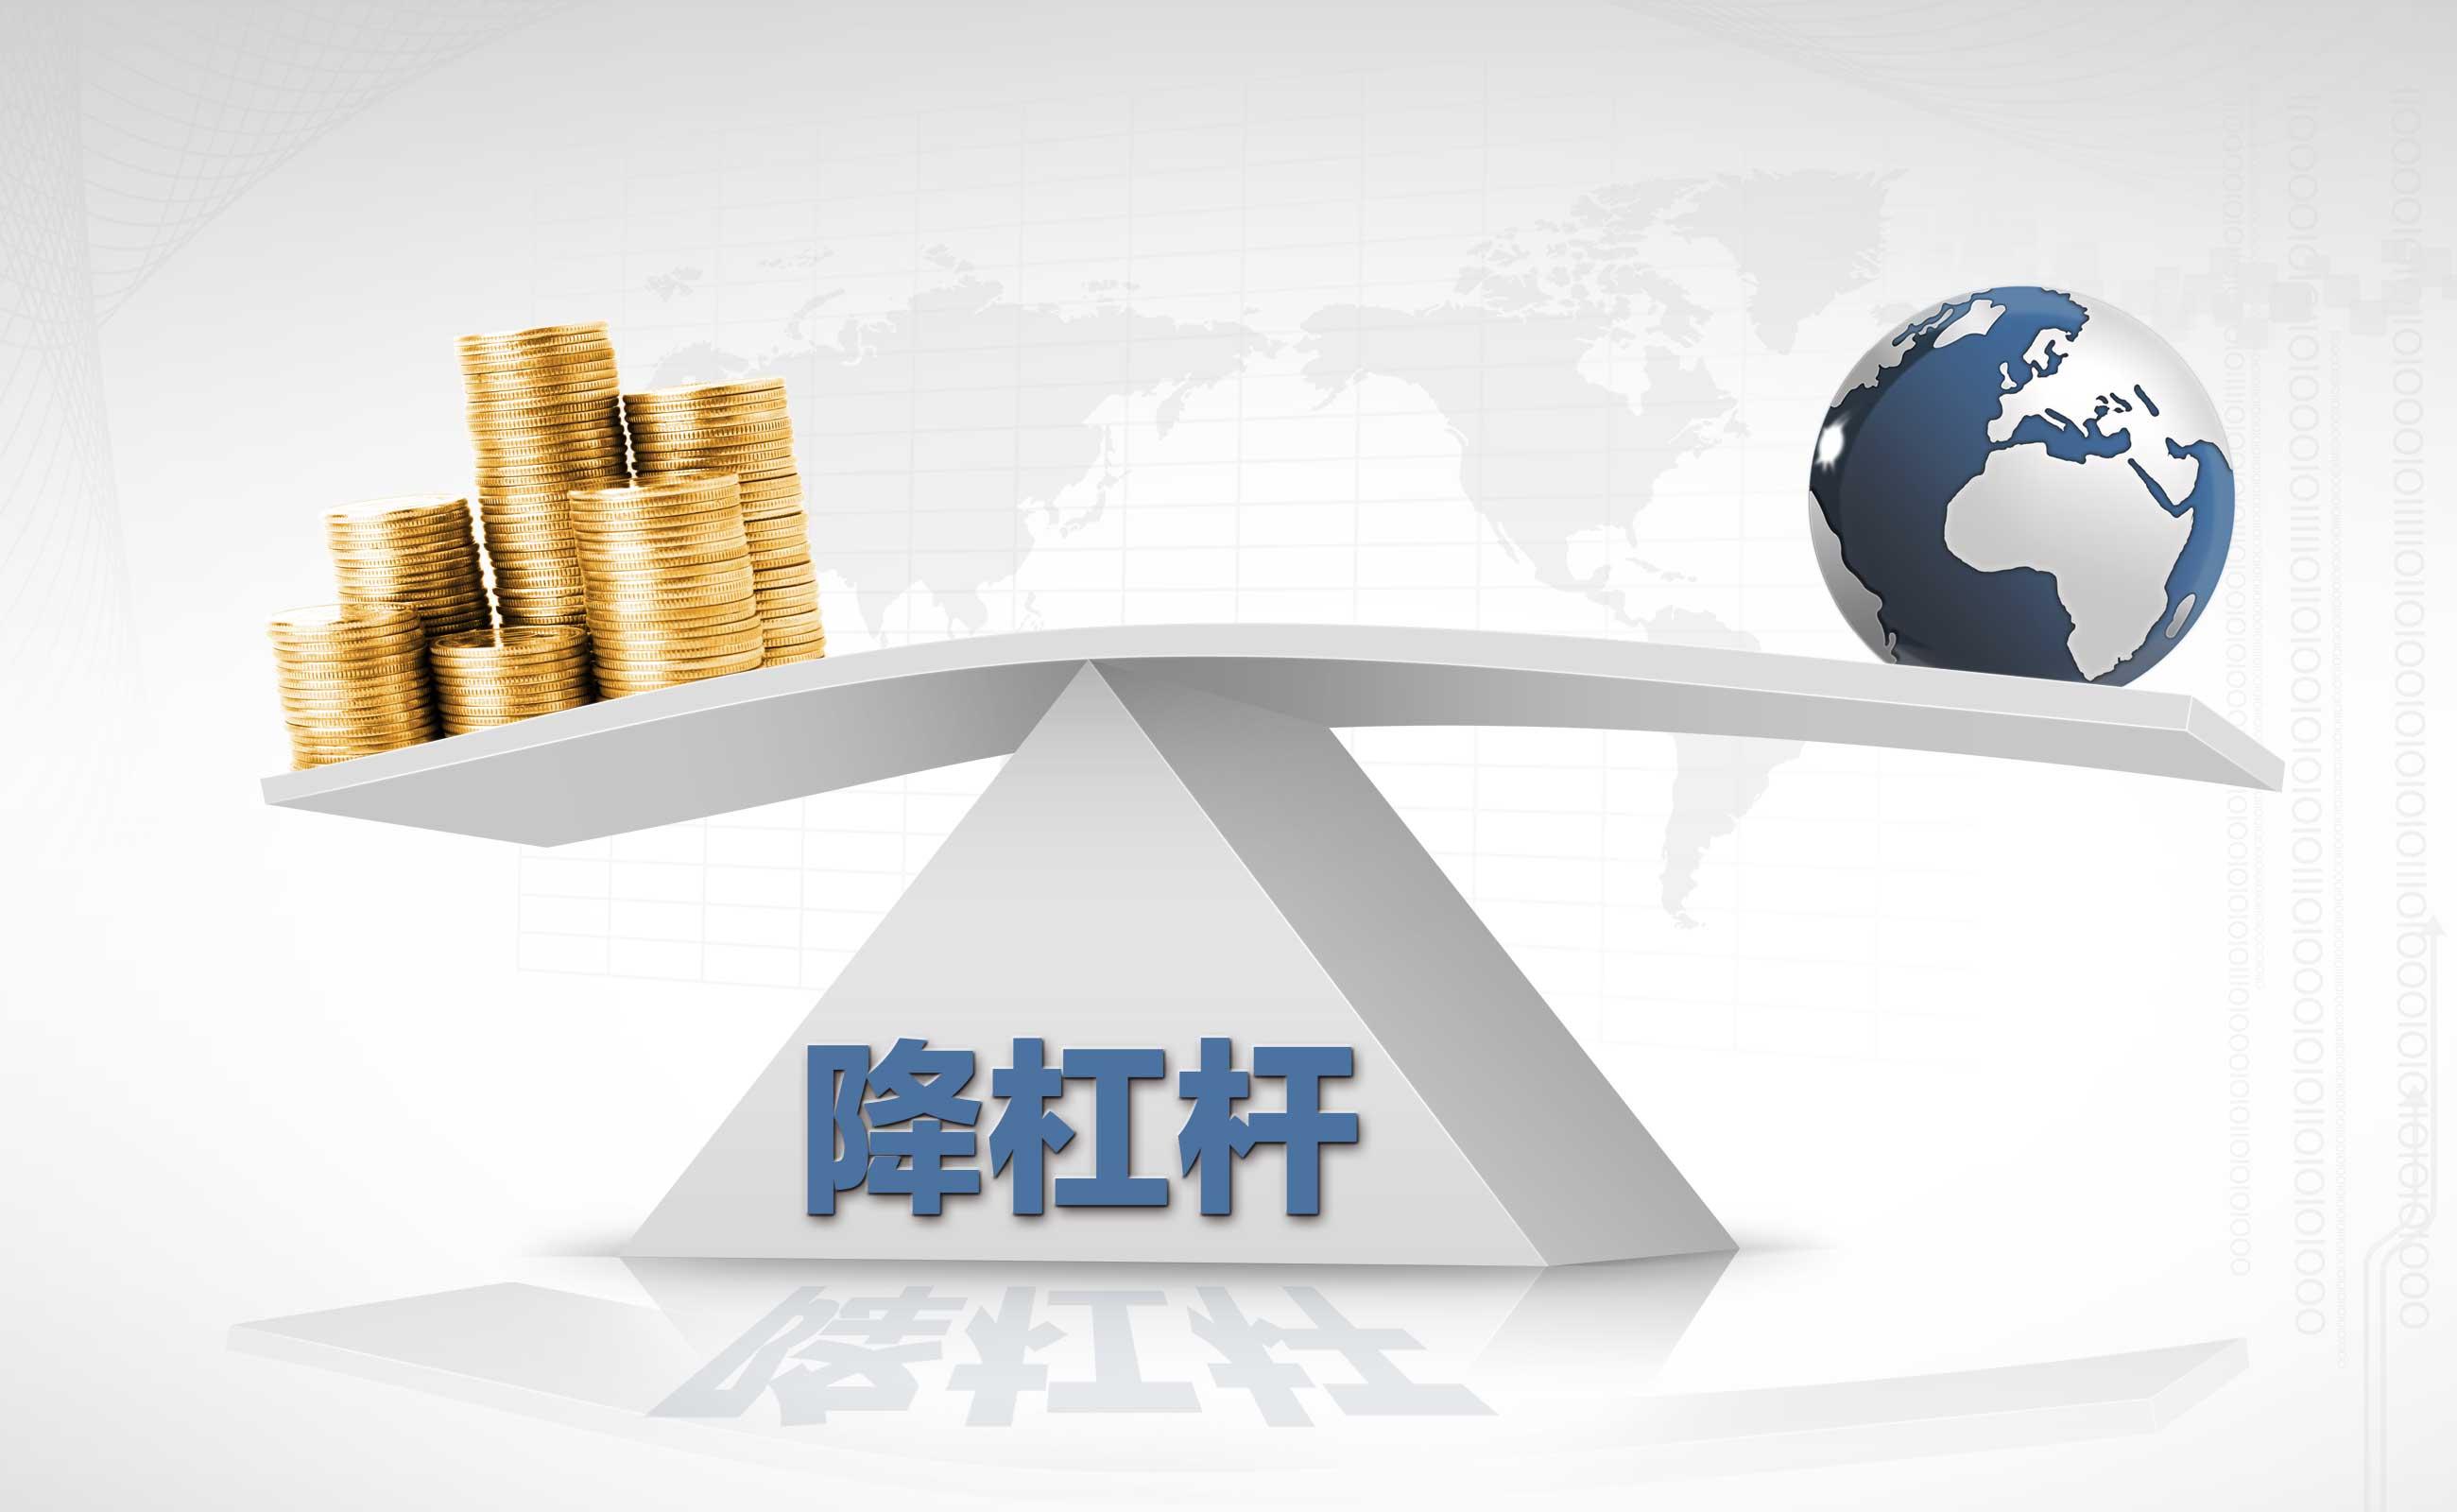 德银:机构稳妥应对资管新规 中国银行业去杠杆将有序推进